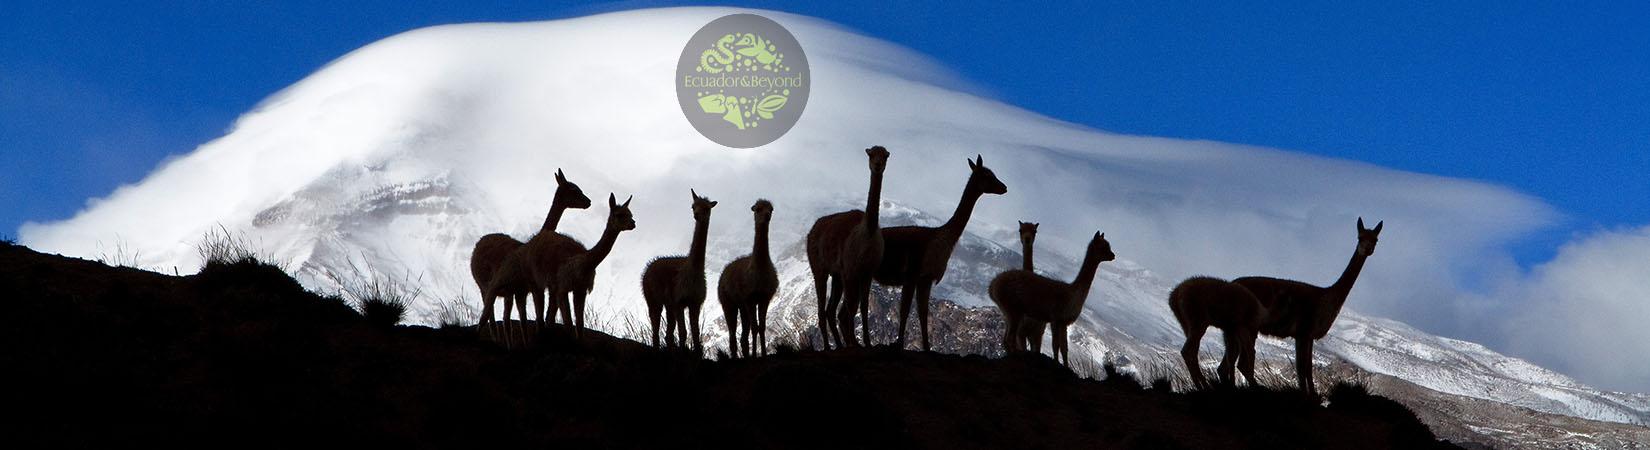 Reserva faunística Chimborazo